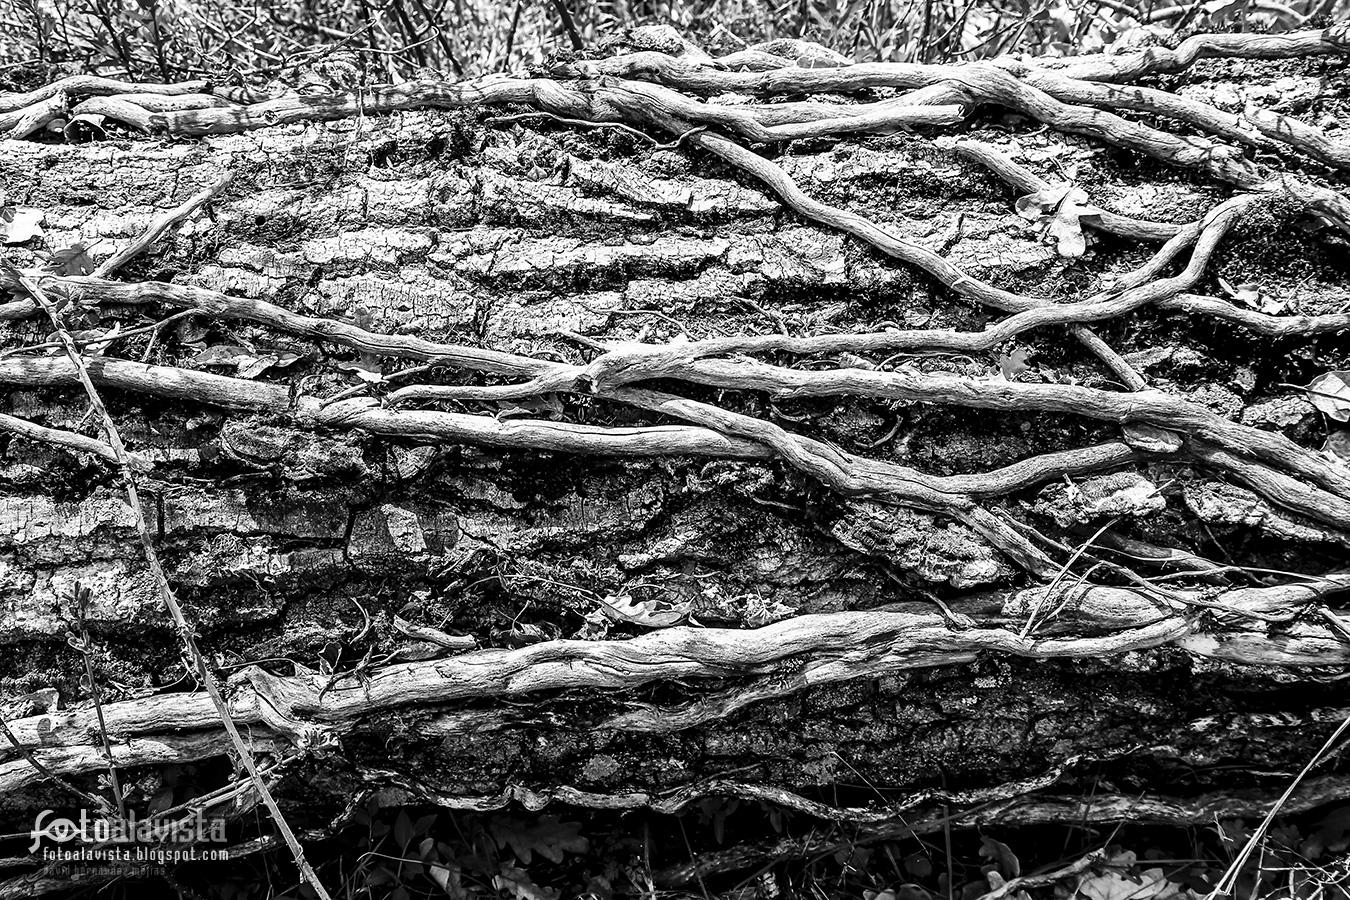 Reforzando el tronco naturalmente - Fotografía